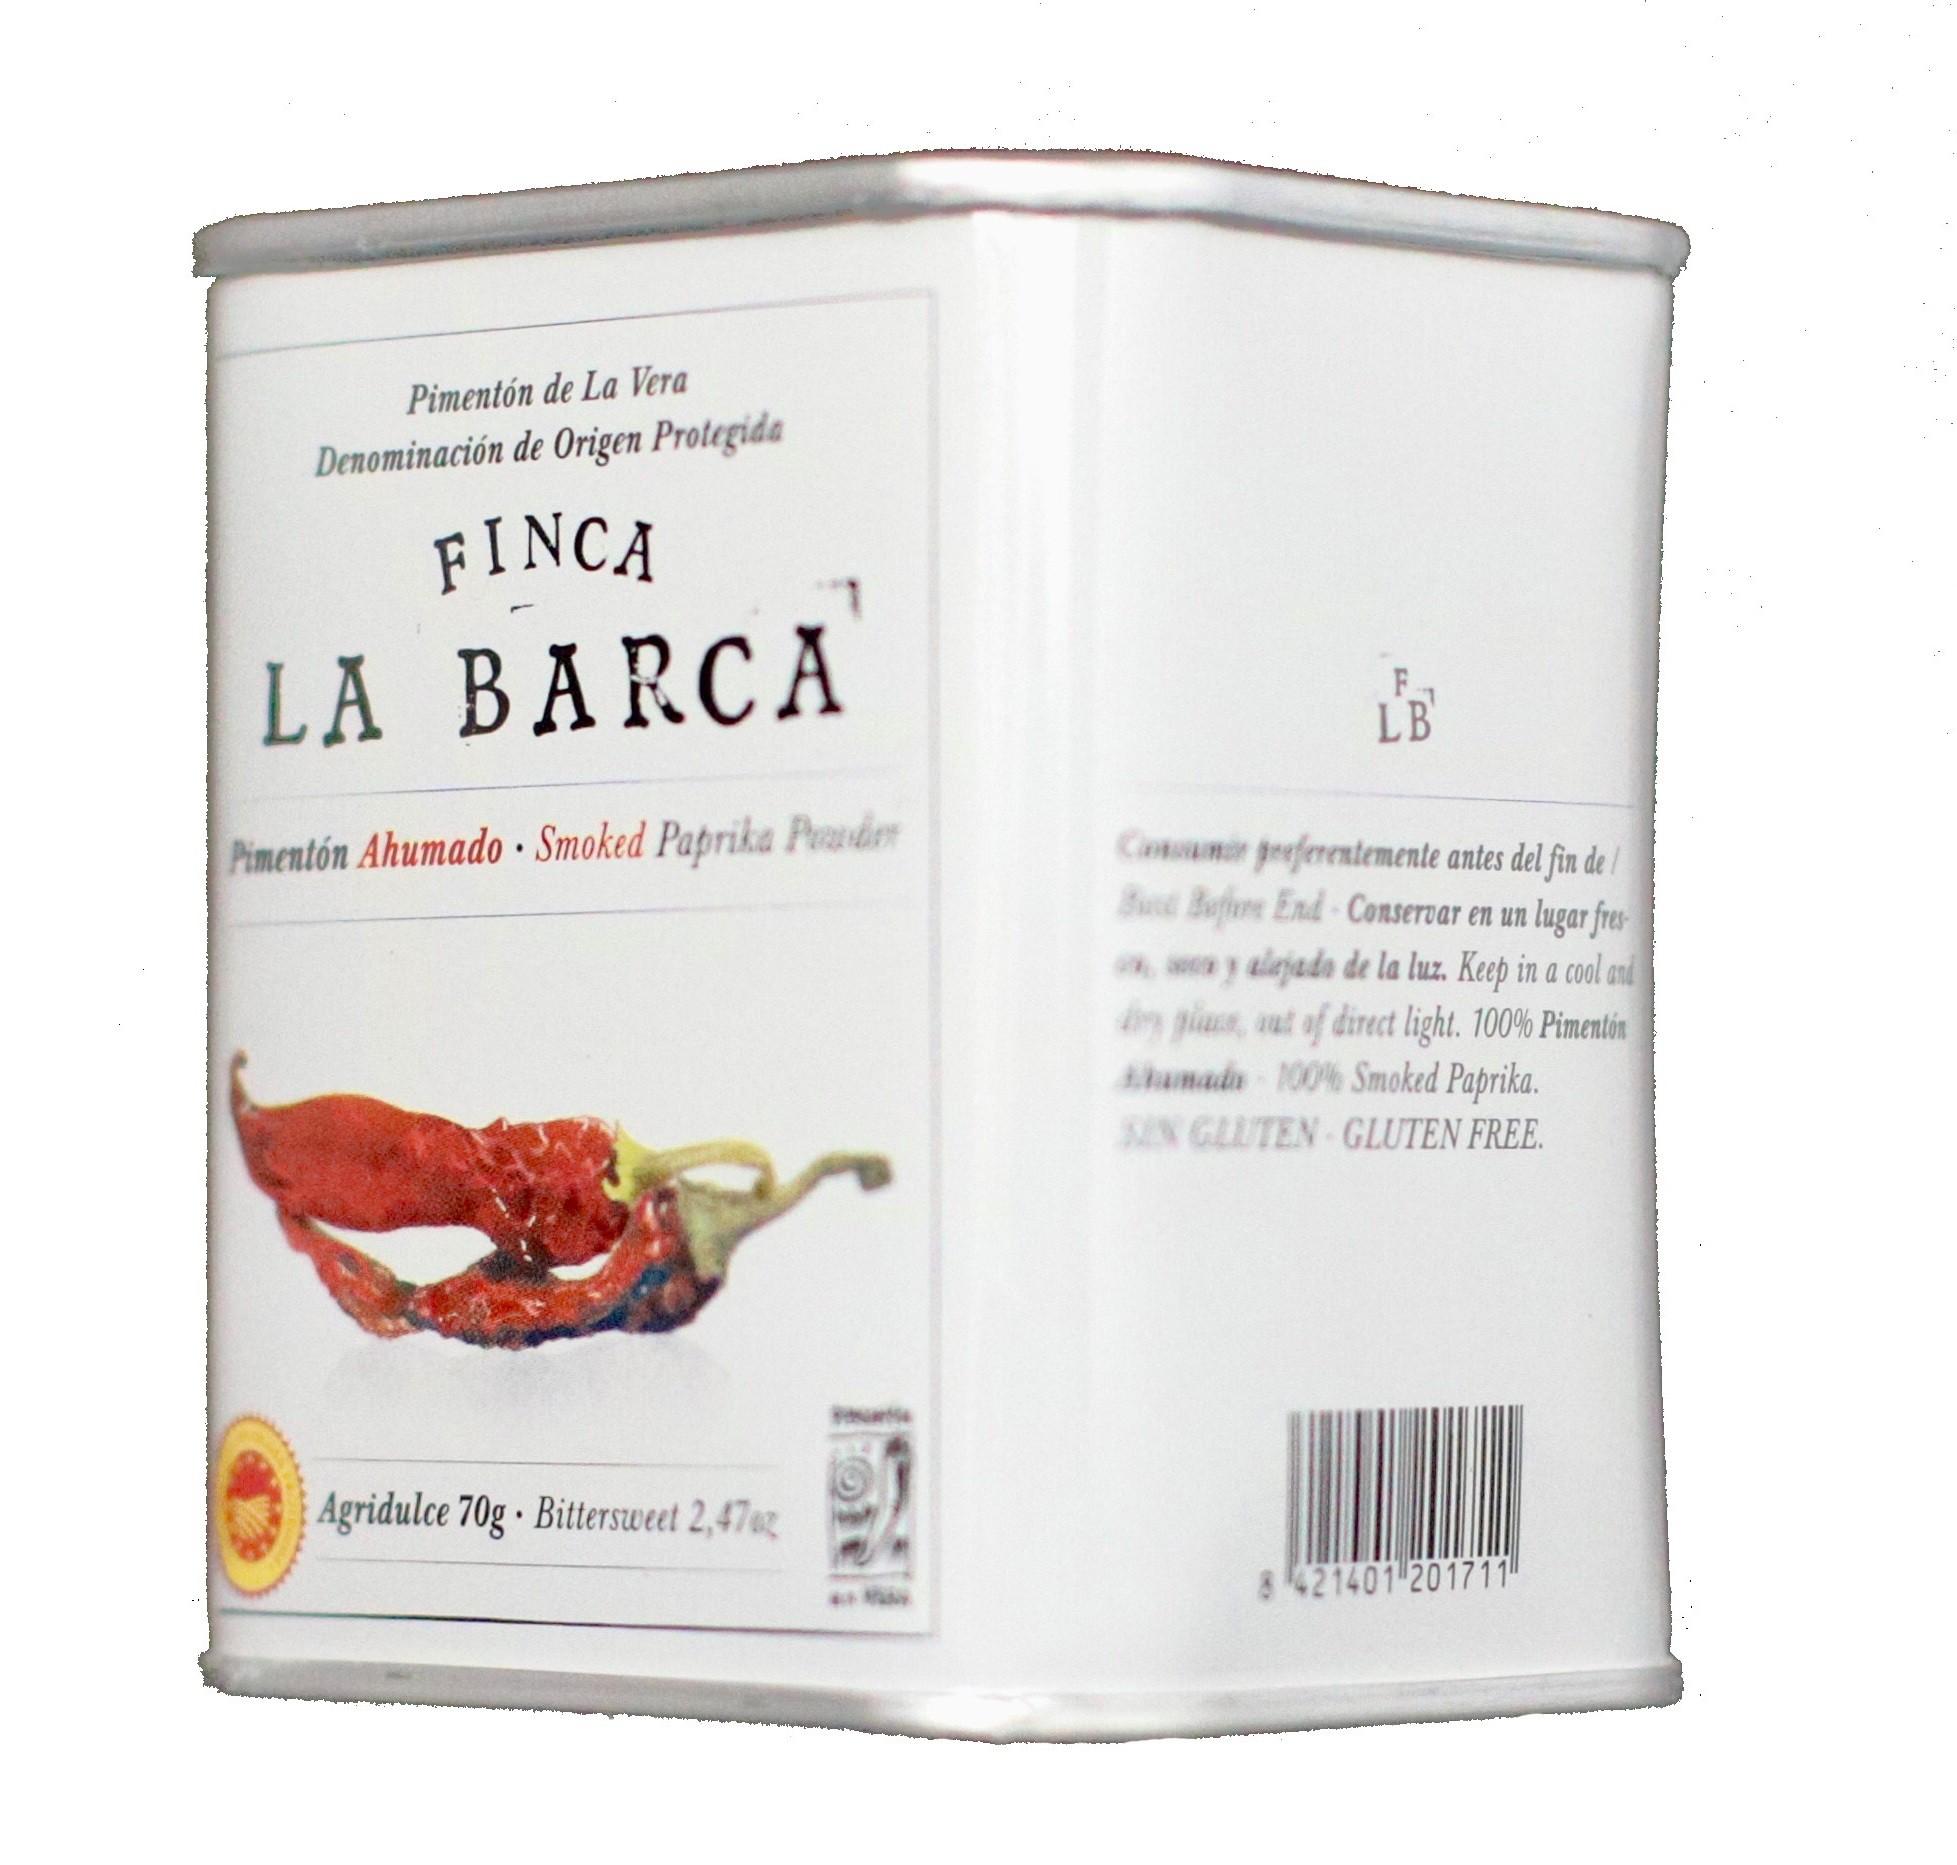 Bitter-Sweet Smoked Paprika Powder 70g Tin